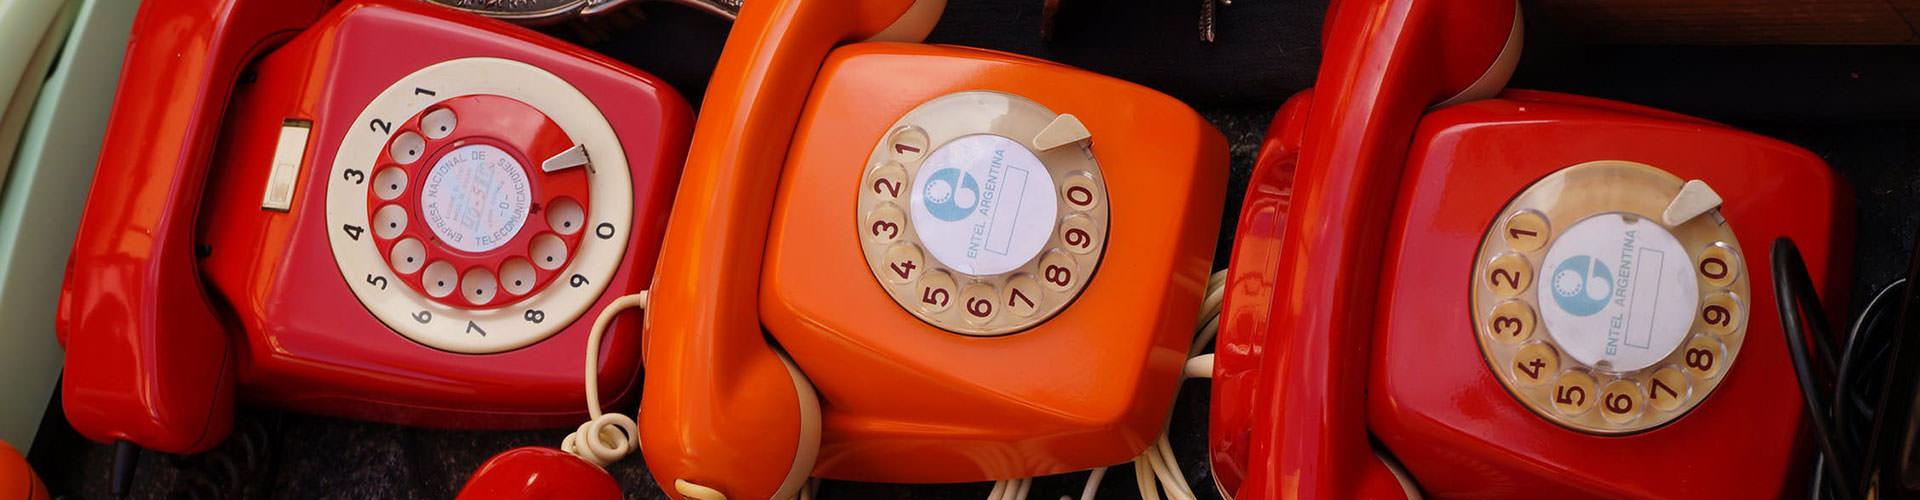 Telefonare in Germania e DSL